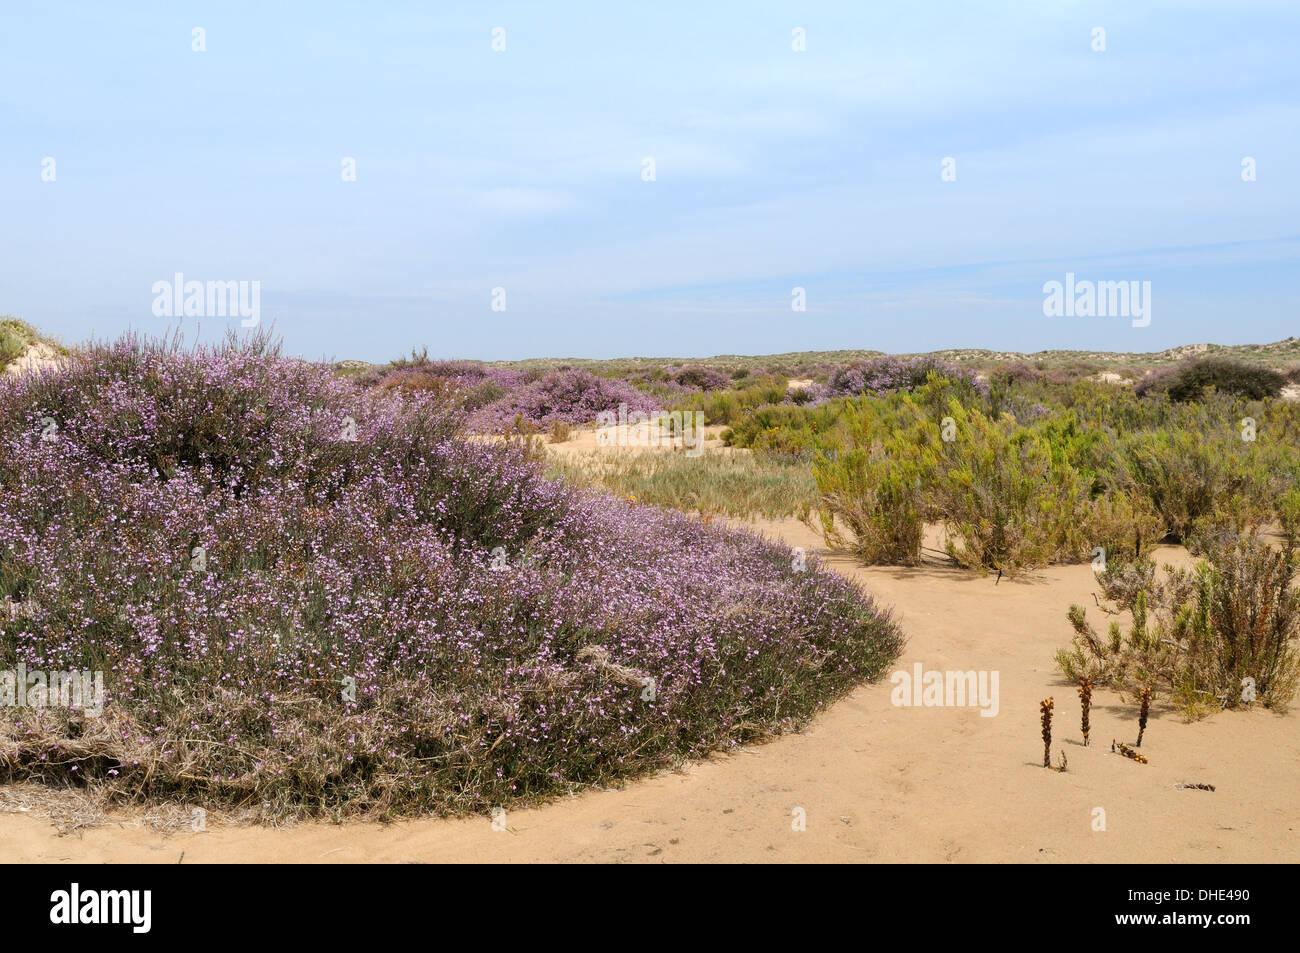 Grand statice (Limoniastrum monopetalum) flowering in sand dunes on Culatra island, Parque Natural da Ria Formosa, Portugal. - Stock Image